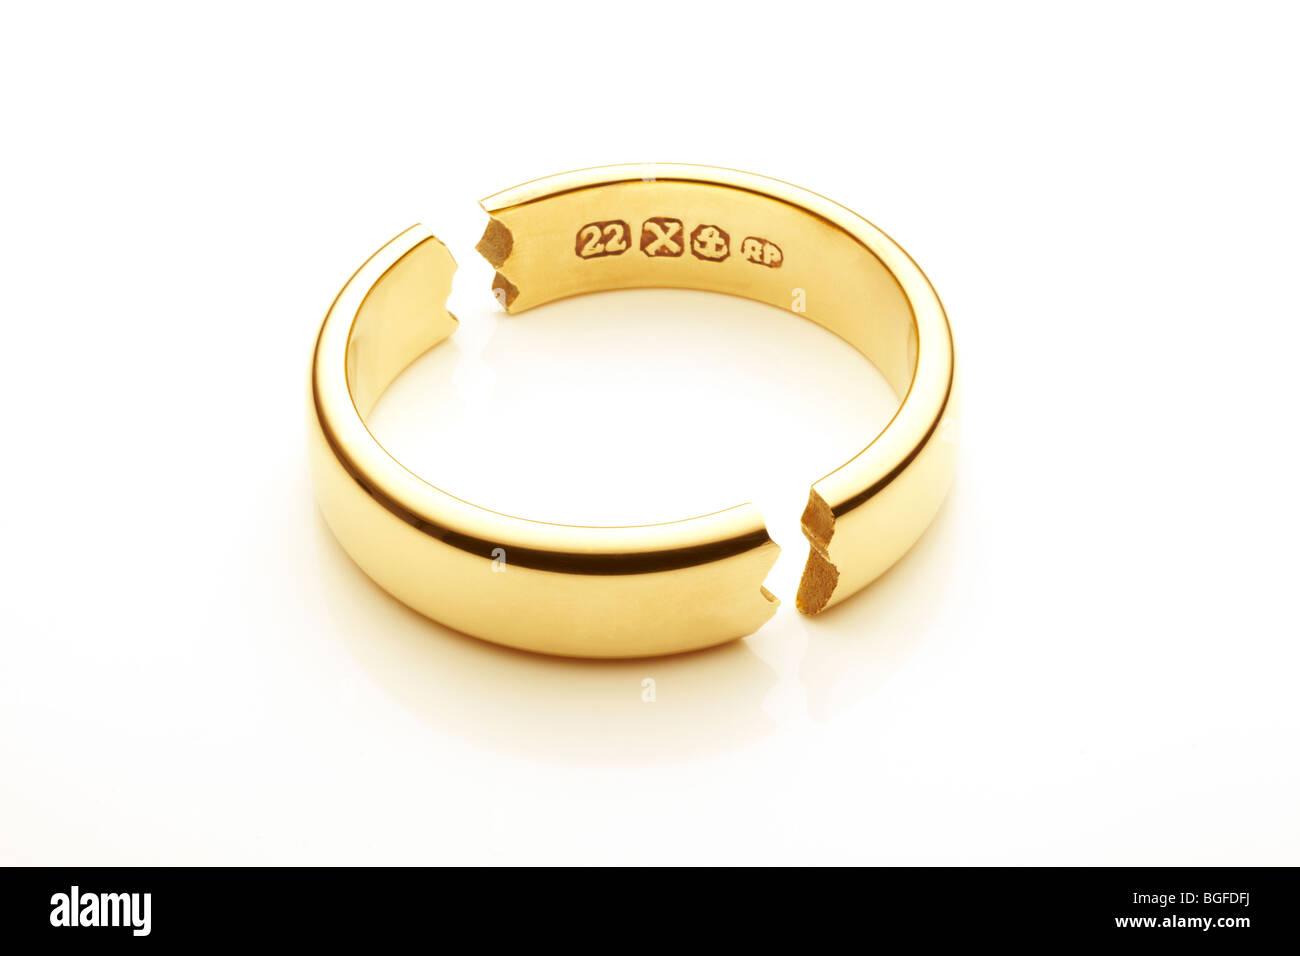 Gebrochene Gold Hochzeit Ring symbolisiert die Ehe brechen Stockbild